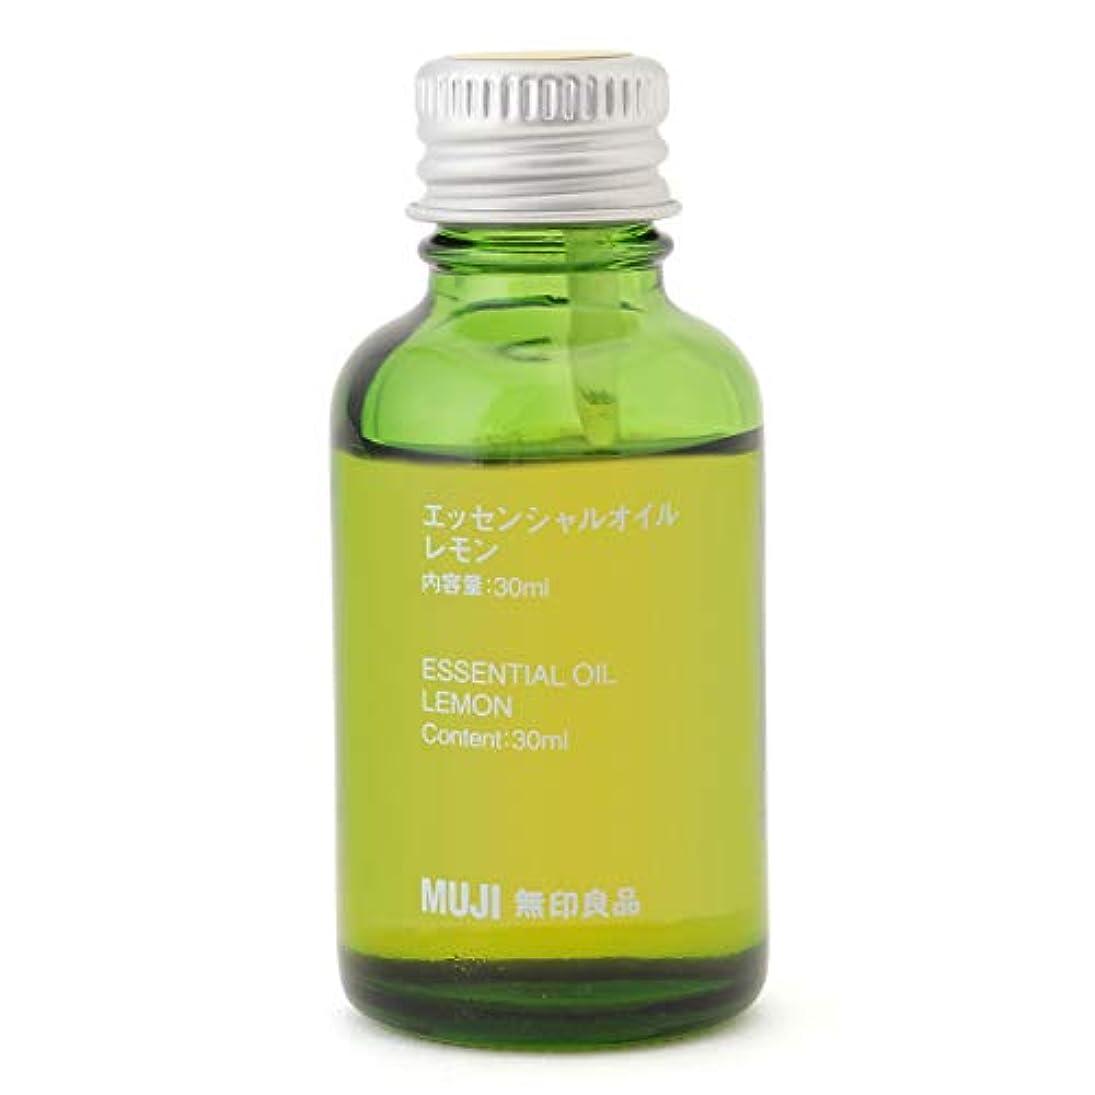 例示する勝つキー【無印良品】エッセンシャルオイル30ml(レモン)